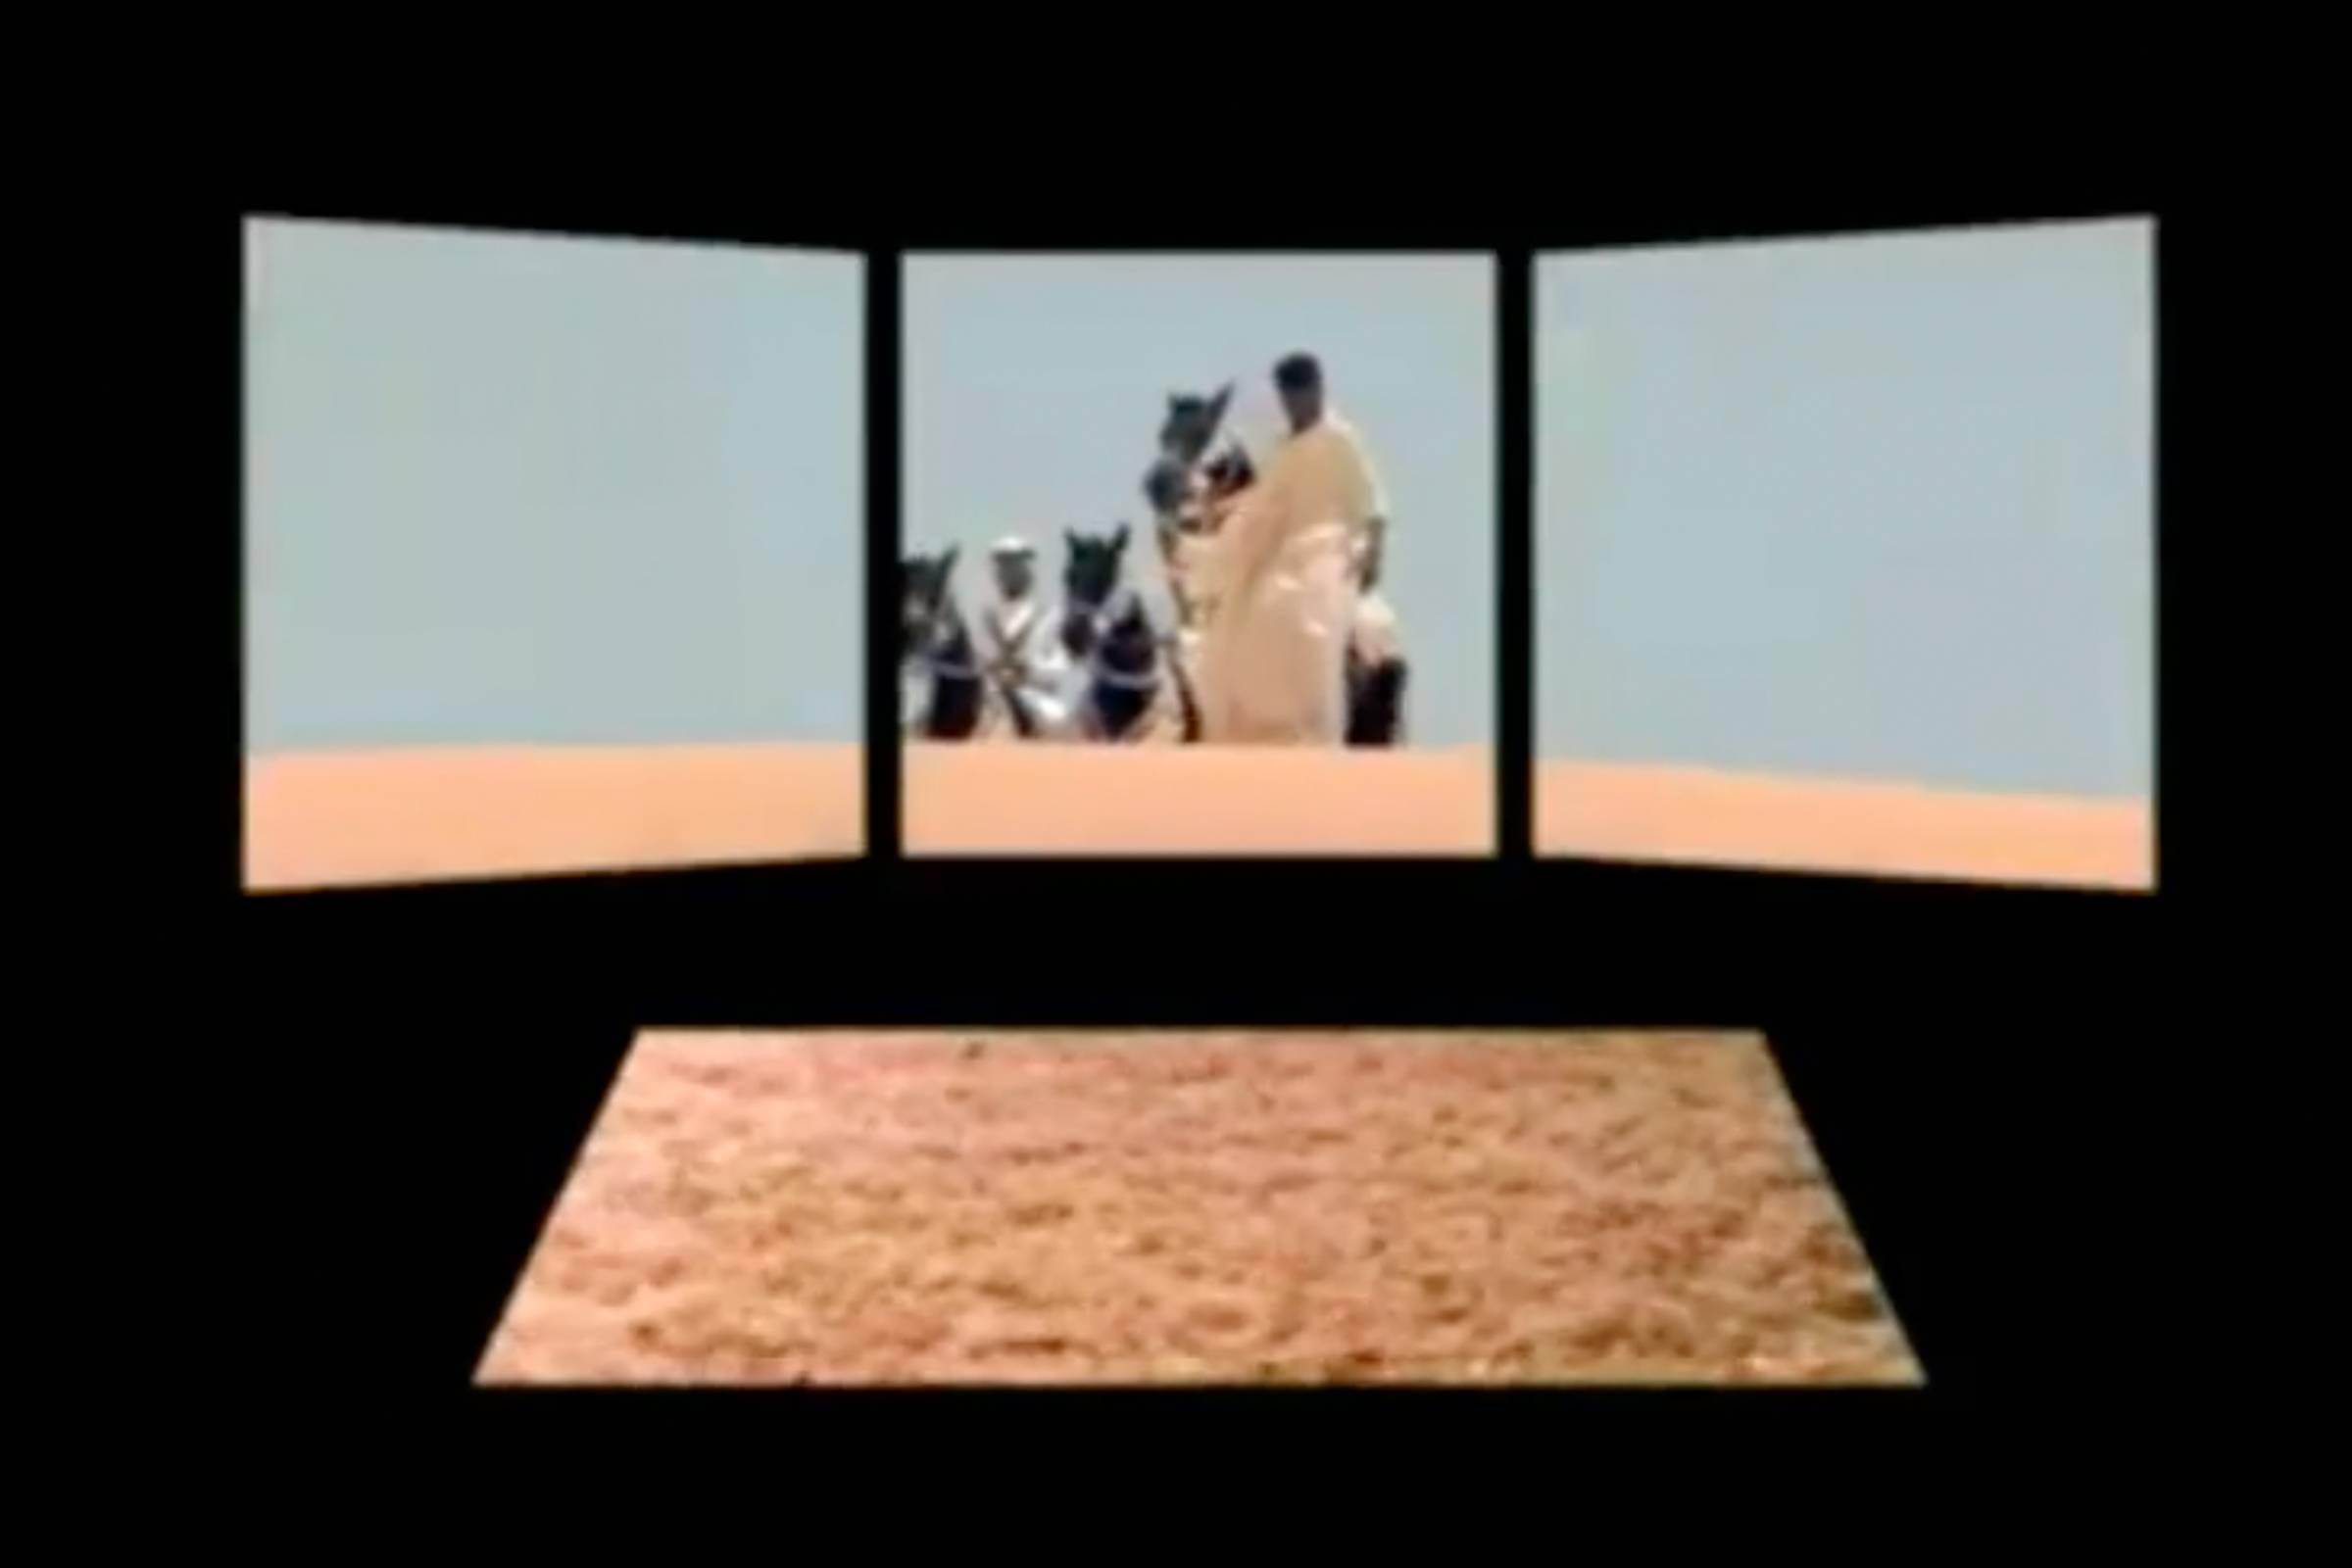 фильм «Жестокое лето» 2012